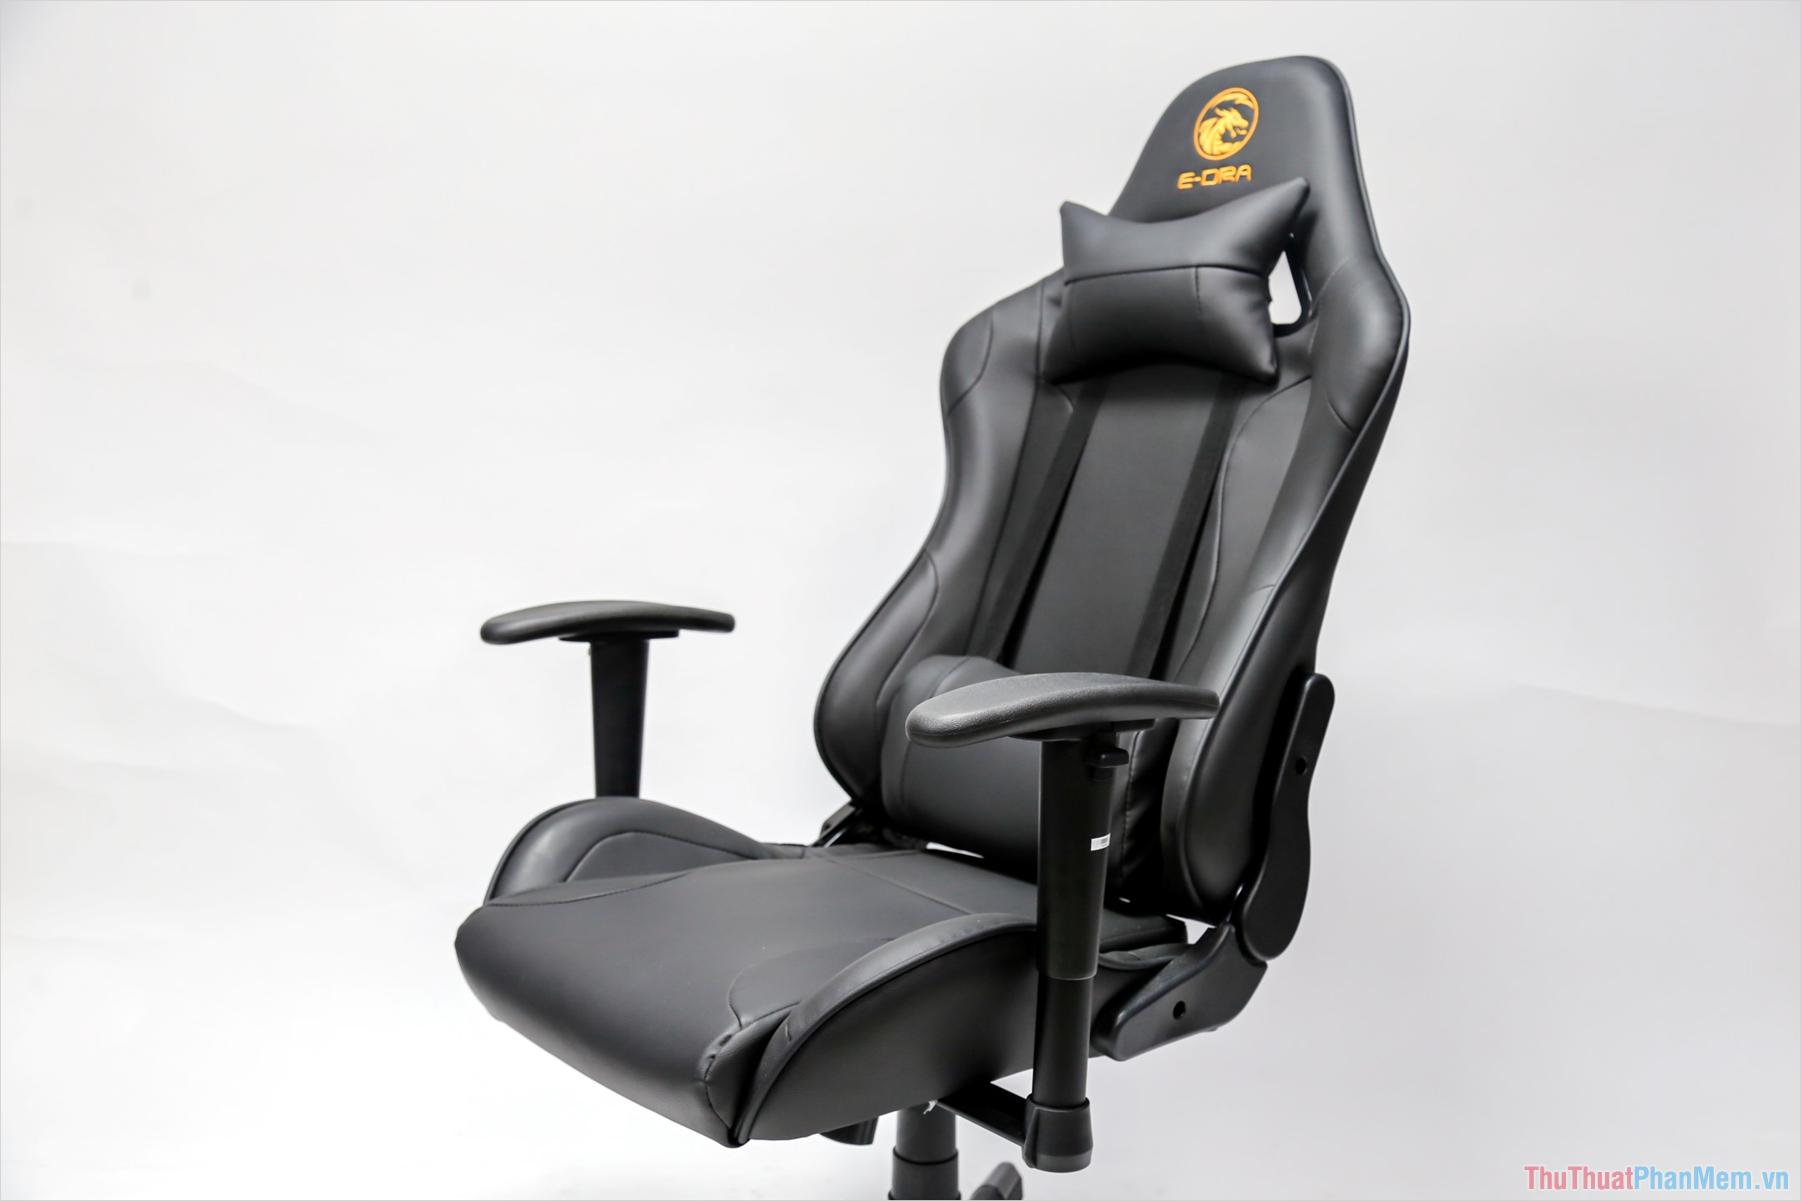 Sản phẩm ghế Gaming của E-DRA